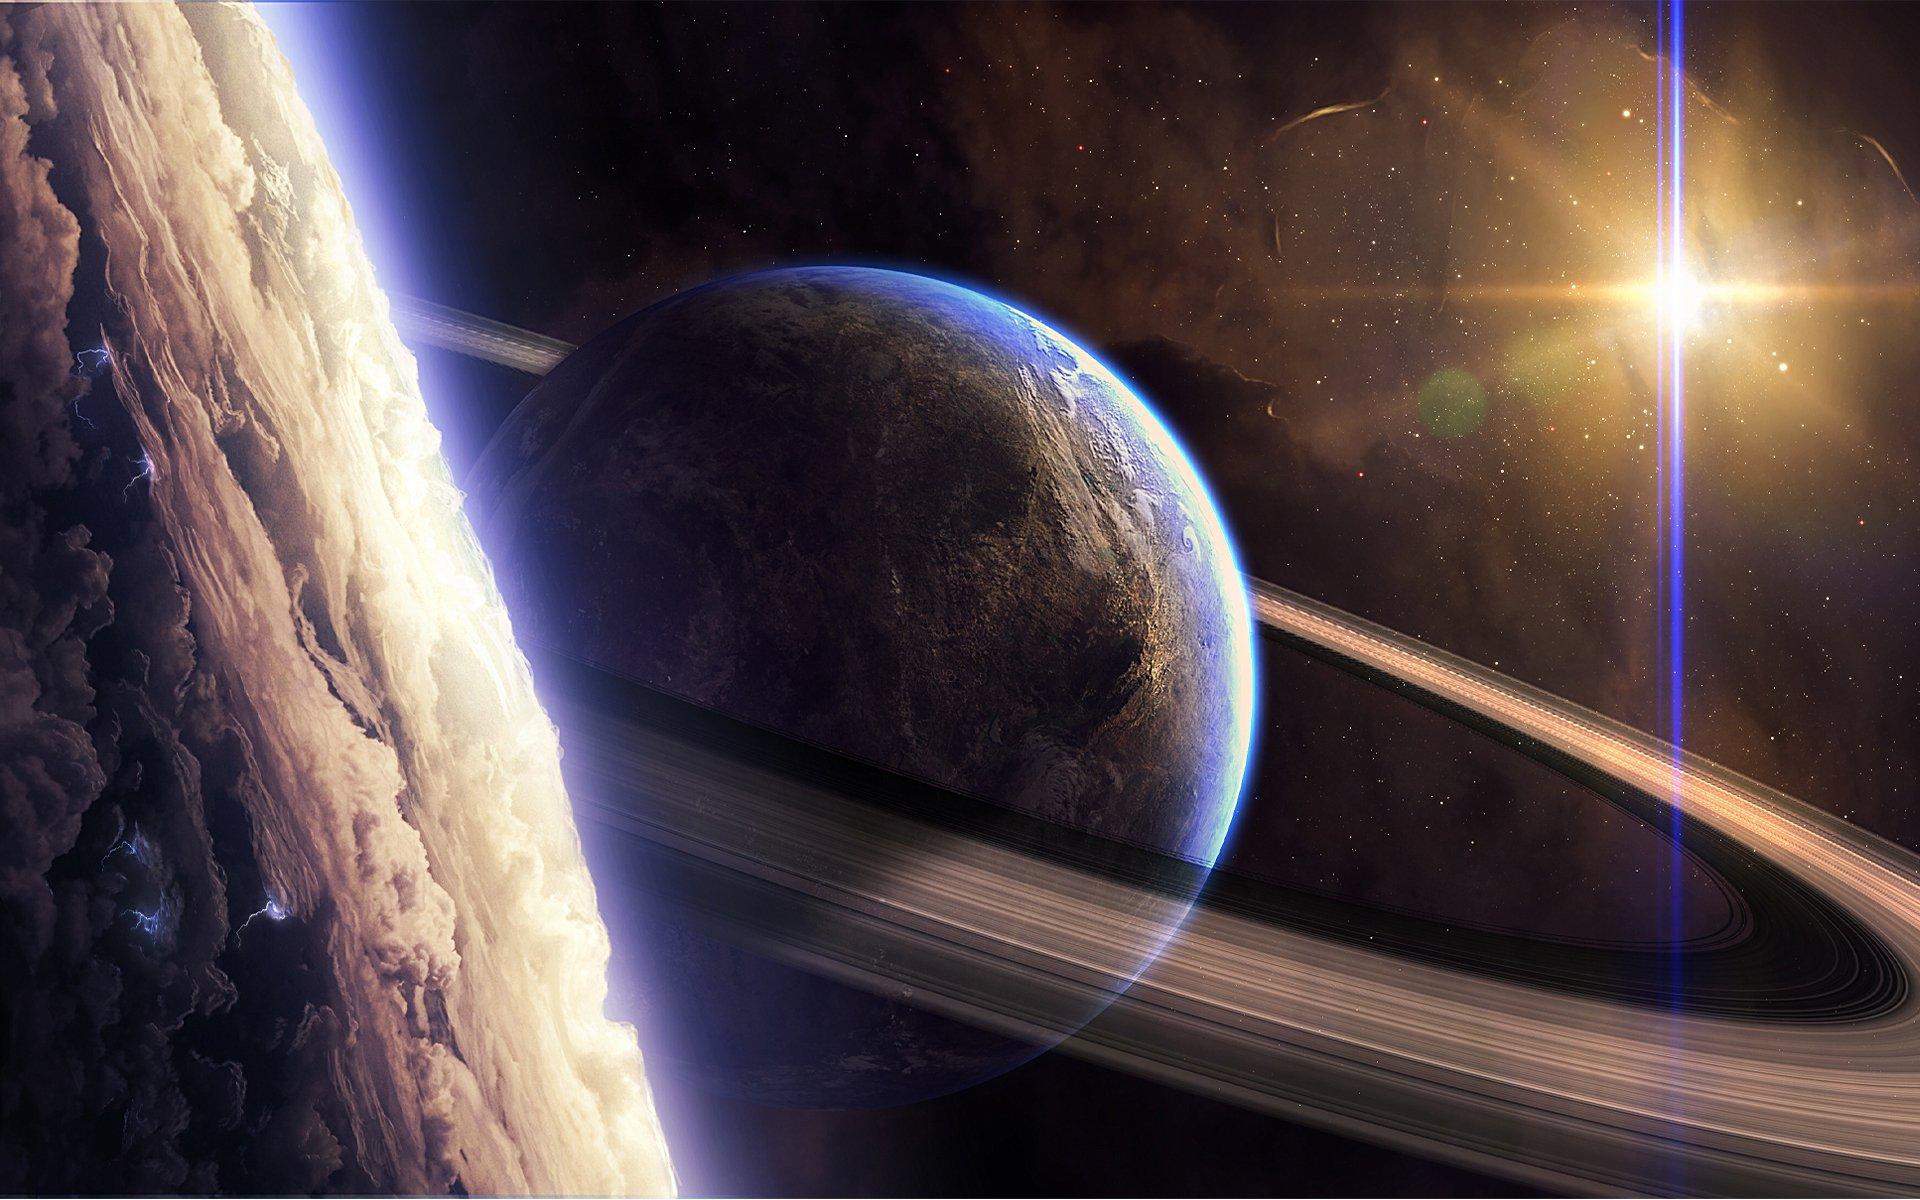 Обои космос планеты space planet картинки на рабочий стол на тему Космос - скачать загрузить